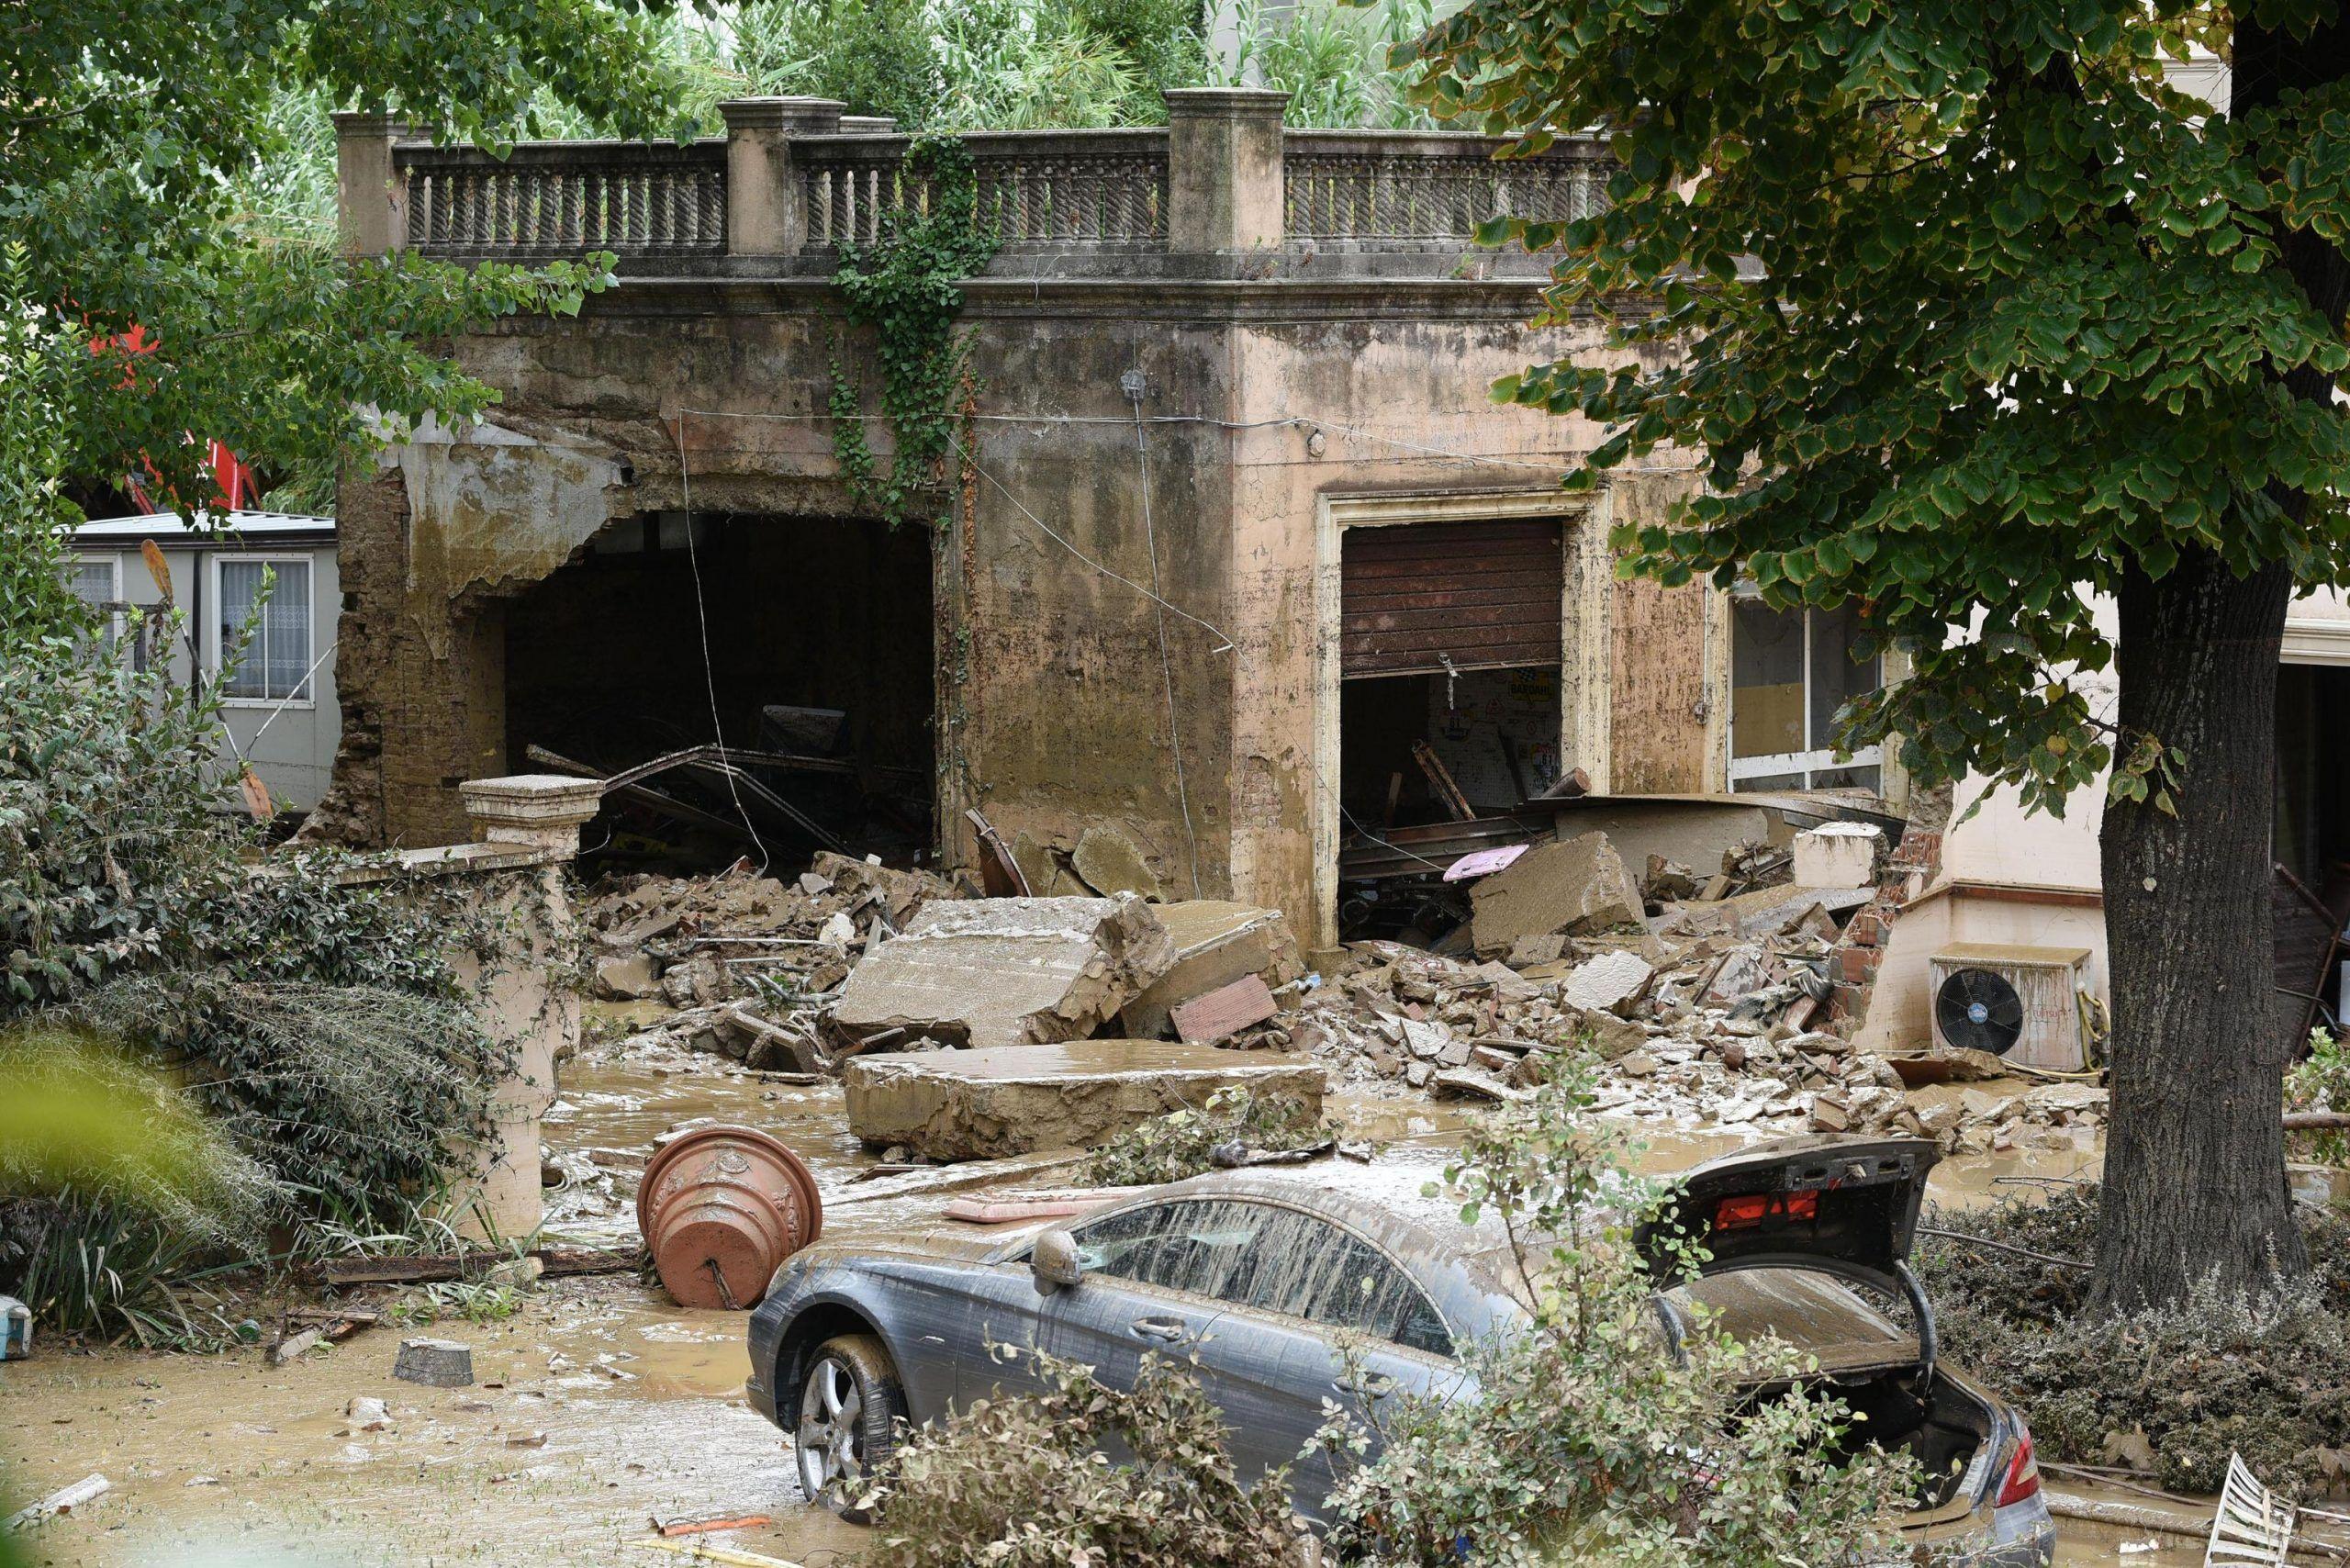 Maltempo a Livorno, trovato il corpo dell'ultimo disperso: 8 i morti accertati